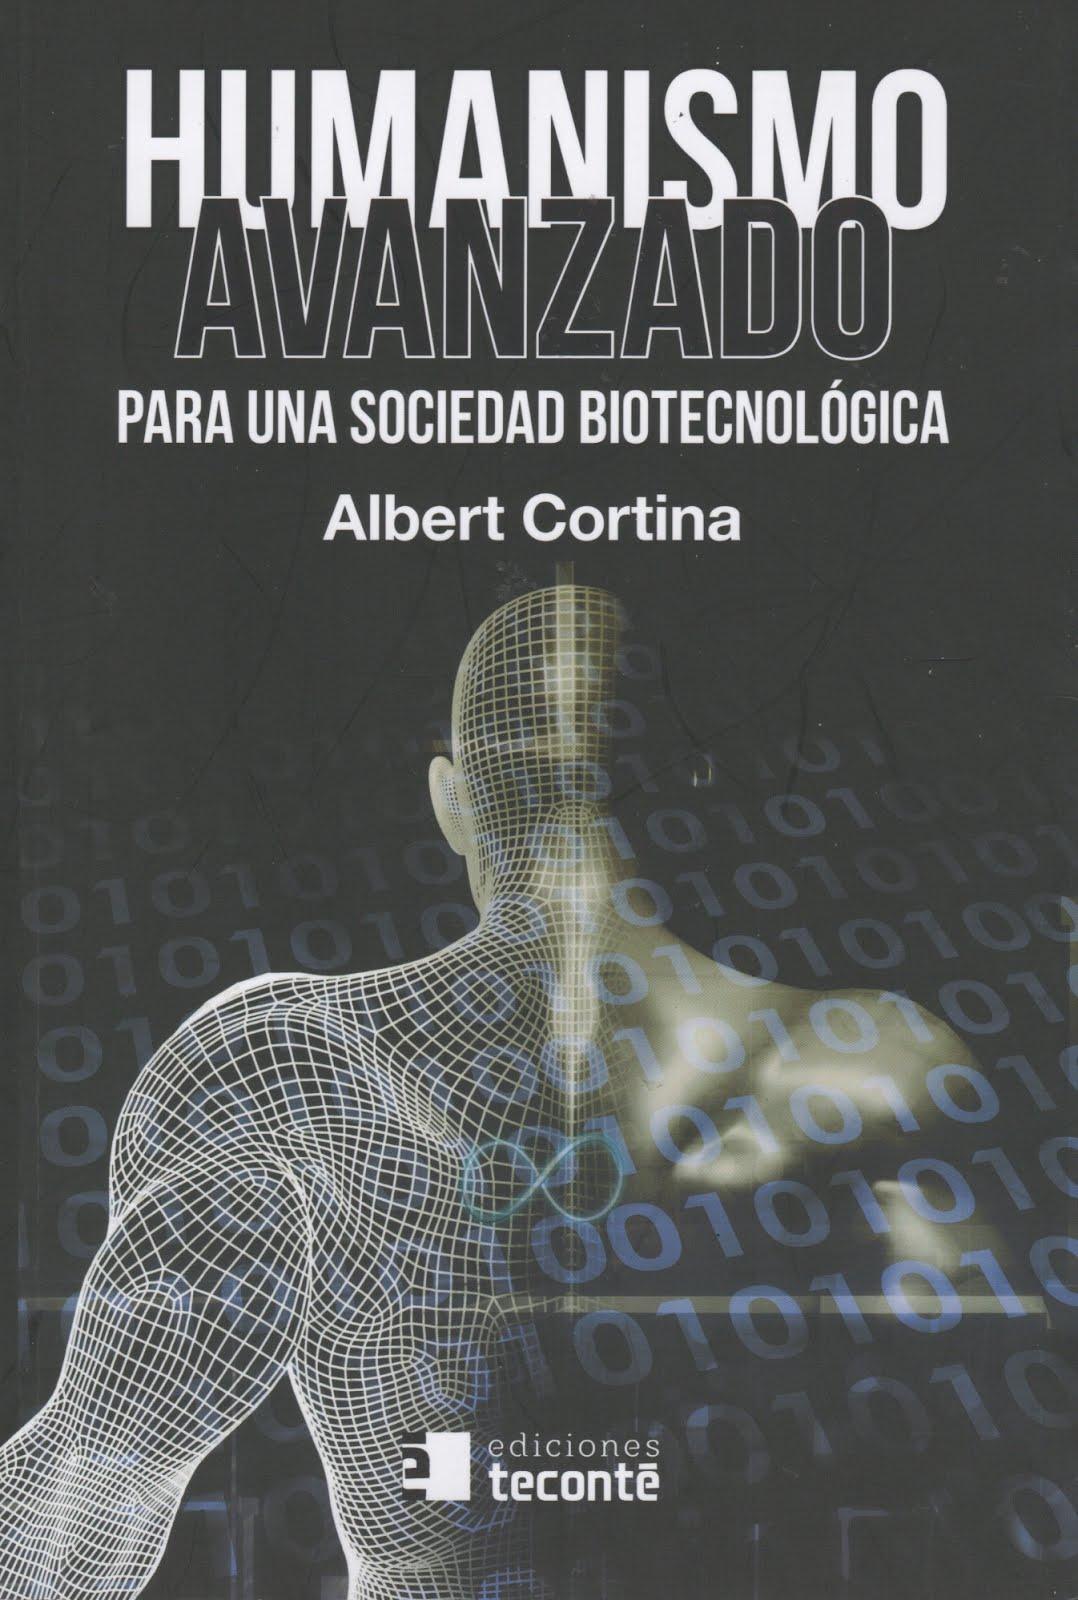 Albert Cortina (Humanismo avanzado) Para una sociedad biotecnológica